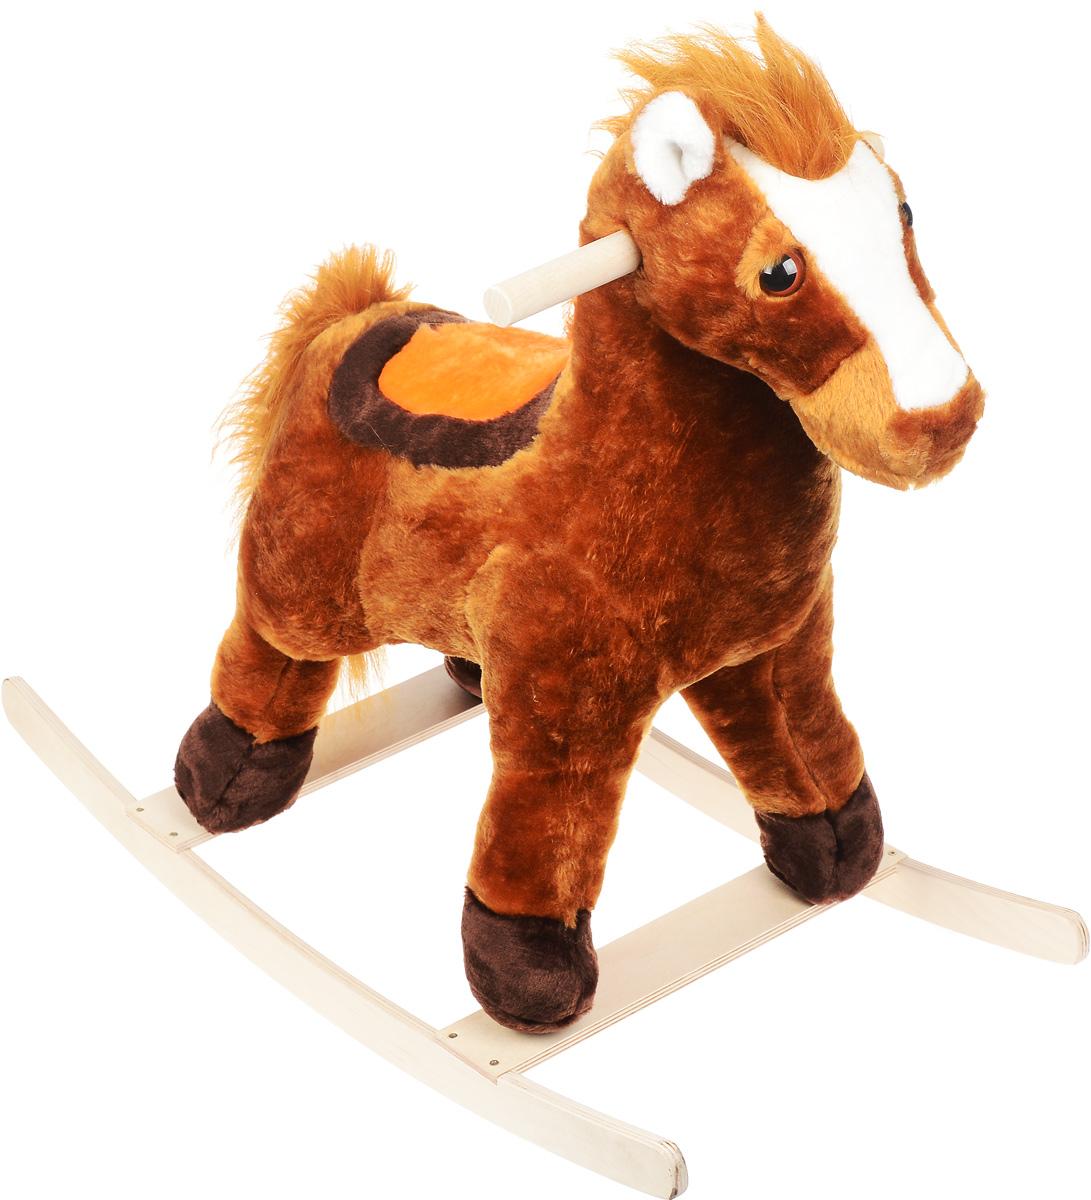 СмолТойс Игрушка-качалка Лошадь цвет коричневый1570/ШКИгрушка-качалка СмолТойс Лошадь непременно понравится вашему малышу. Игрушка выполнена из безопасных и качественных материалов в виде милой коричневой лошадки с гривой и длинным хвостом. Лошадку необходимо прикрепить к деревянной основе и качалка для вашего малыша готова! Ваш ребенок с удовольствием будет качаться, сидя на мягком комфортном сиденье, за ручки качалки удобно держаться. Может использоваться как дома, так и на открытом воздухе. Порадуйте своего ребенка таким замечательным подарком!